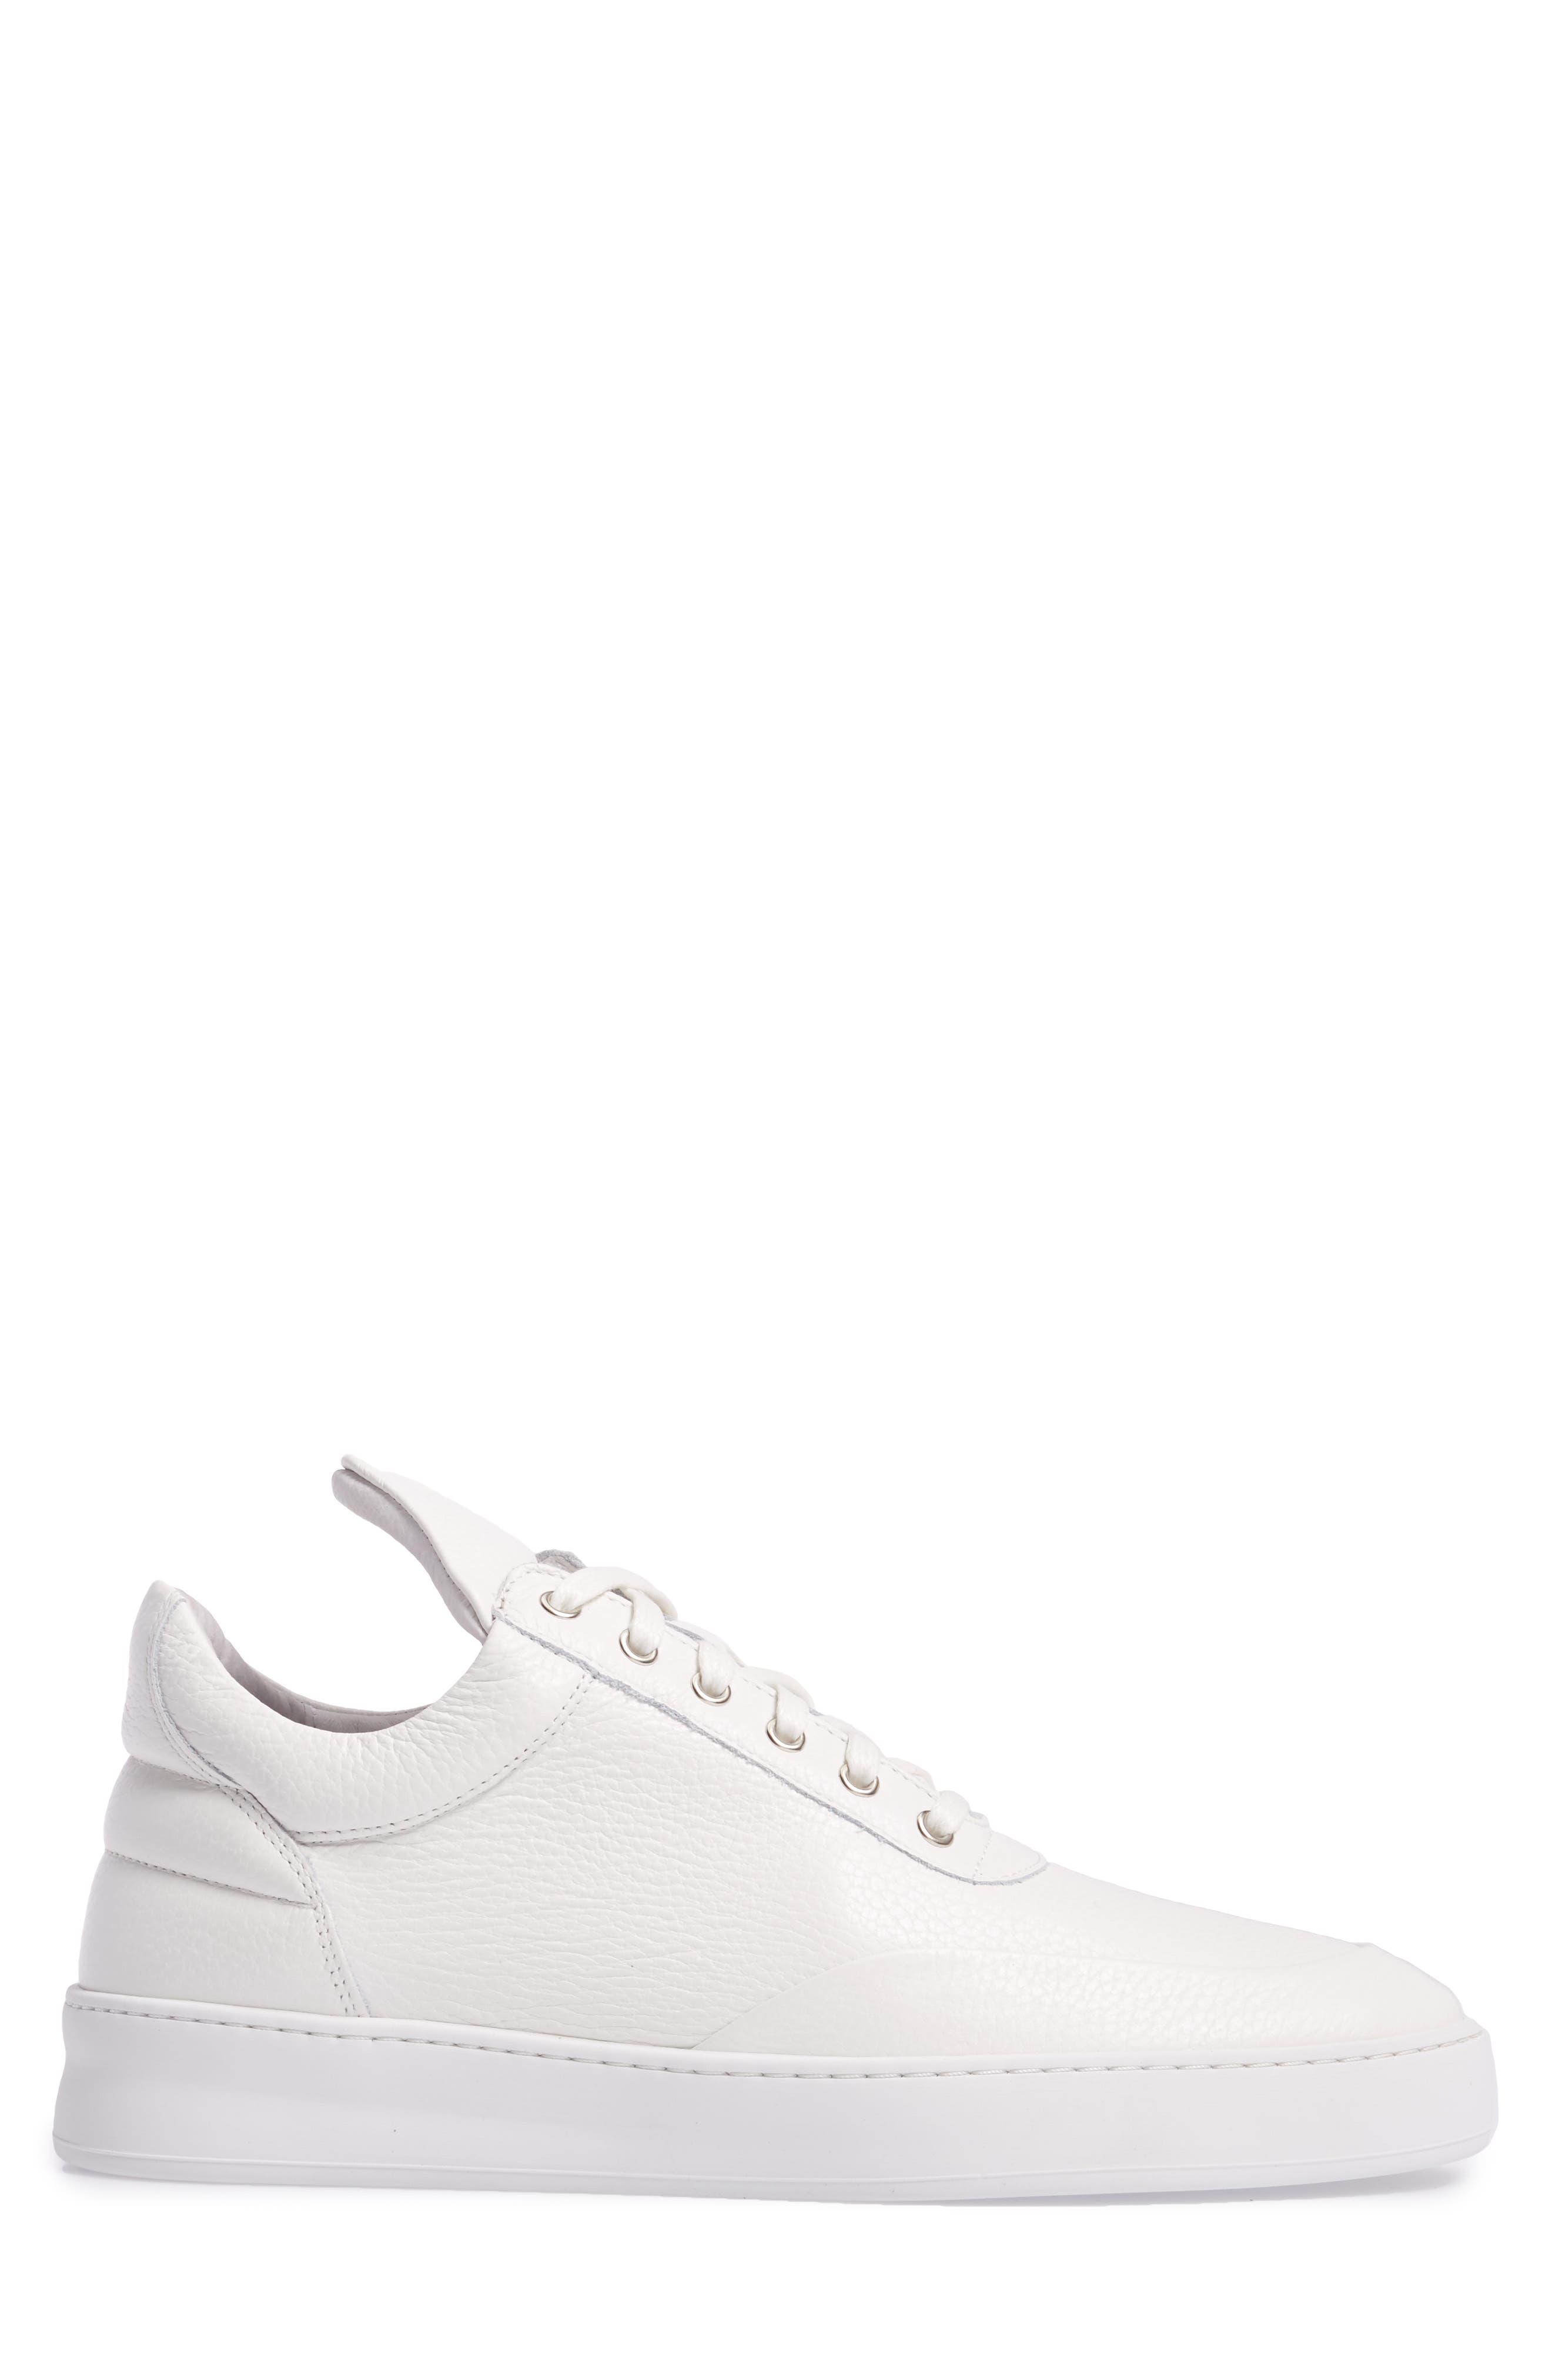 Low Top Sneaker,                             Alternate thumbnail 3, color,                             100